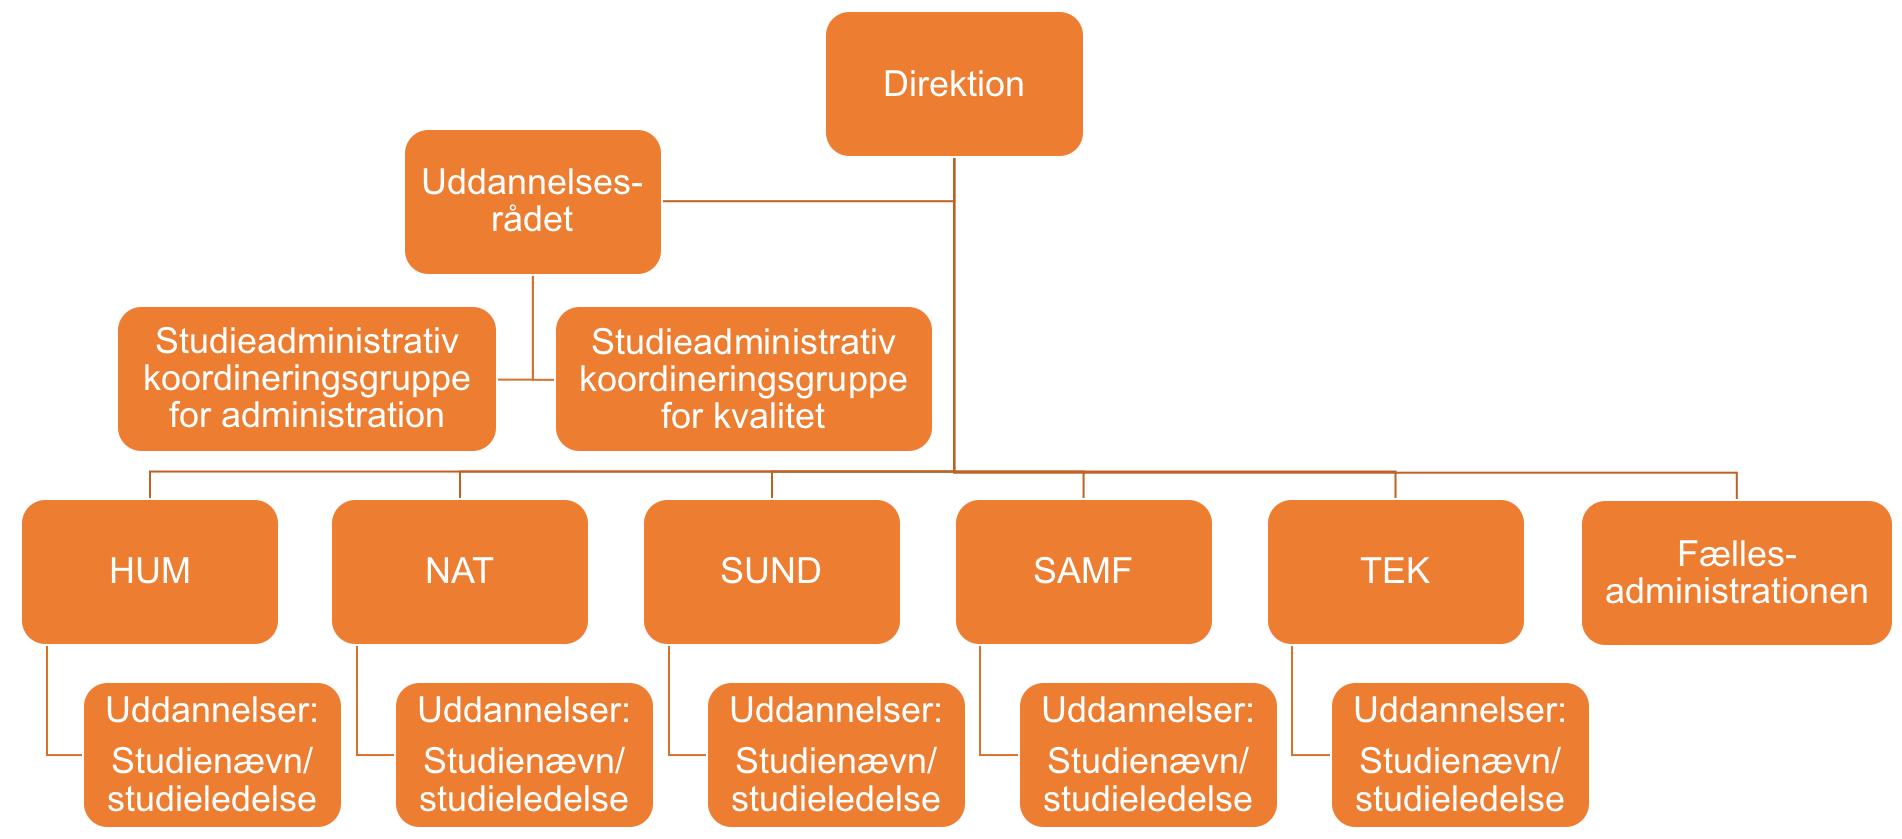 SDU's kvalitetsorganisation